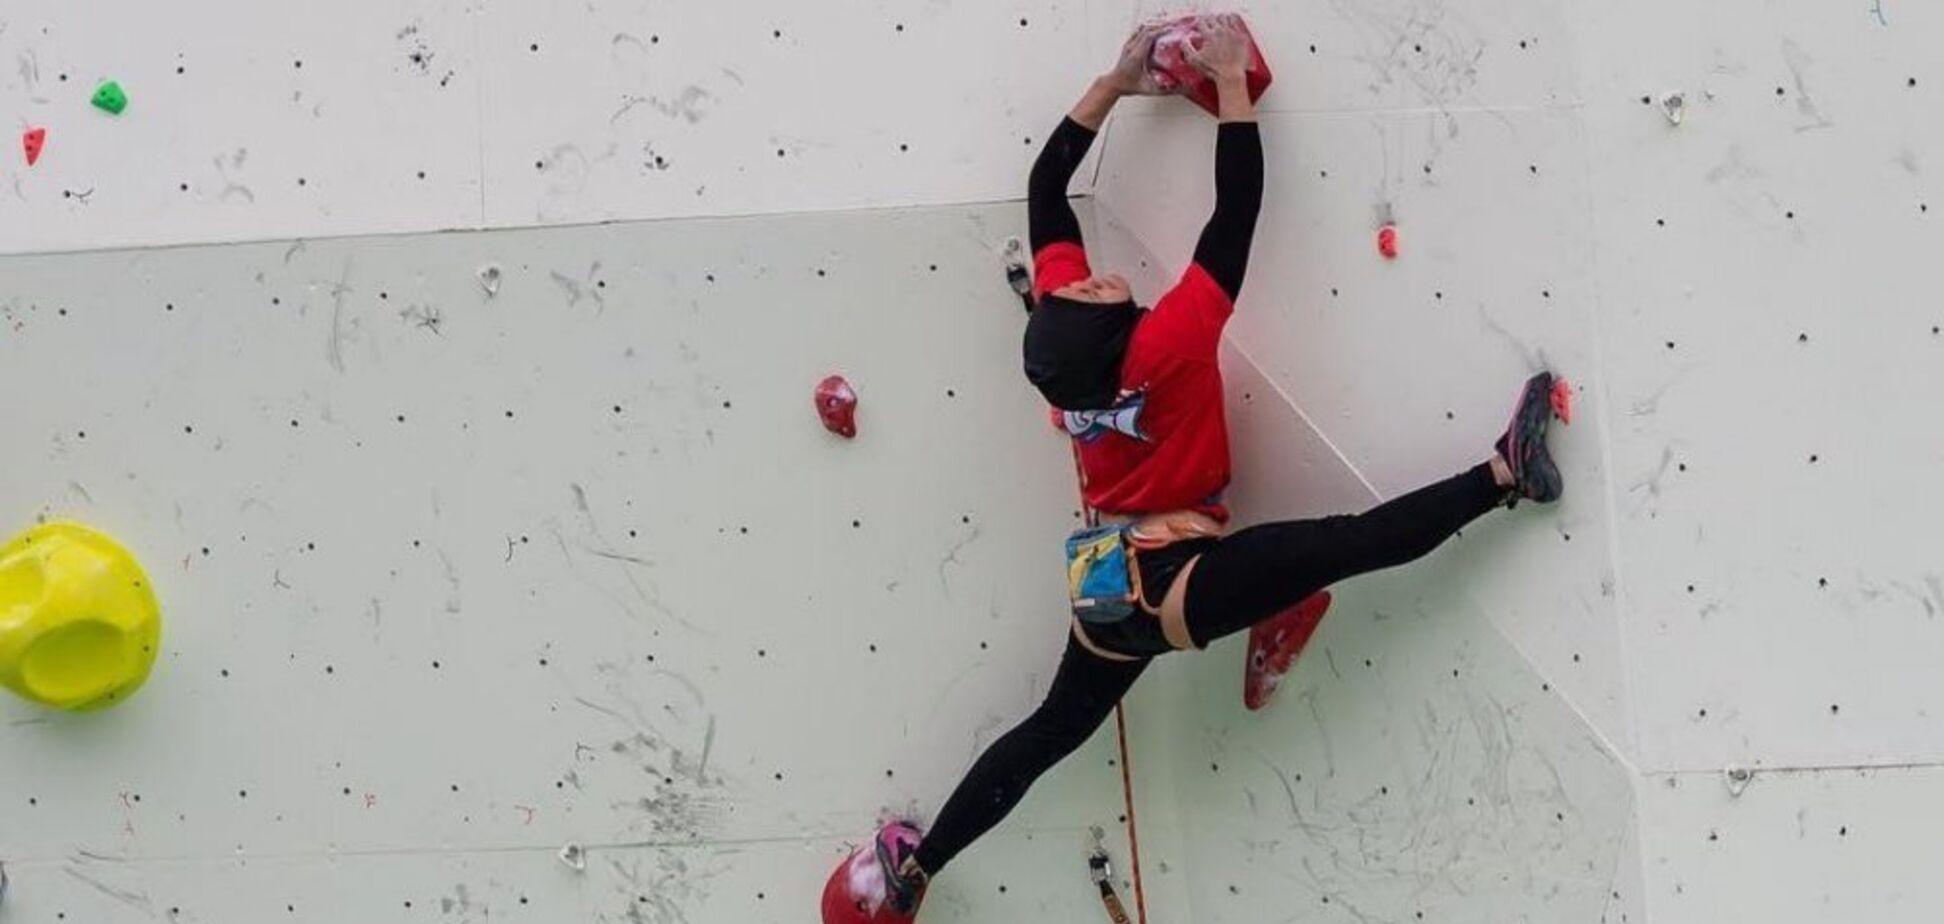 'Жінка-павук' побила світовий рекорд у скелелазінні і стала зіркою інтернету